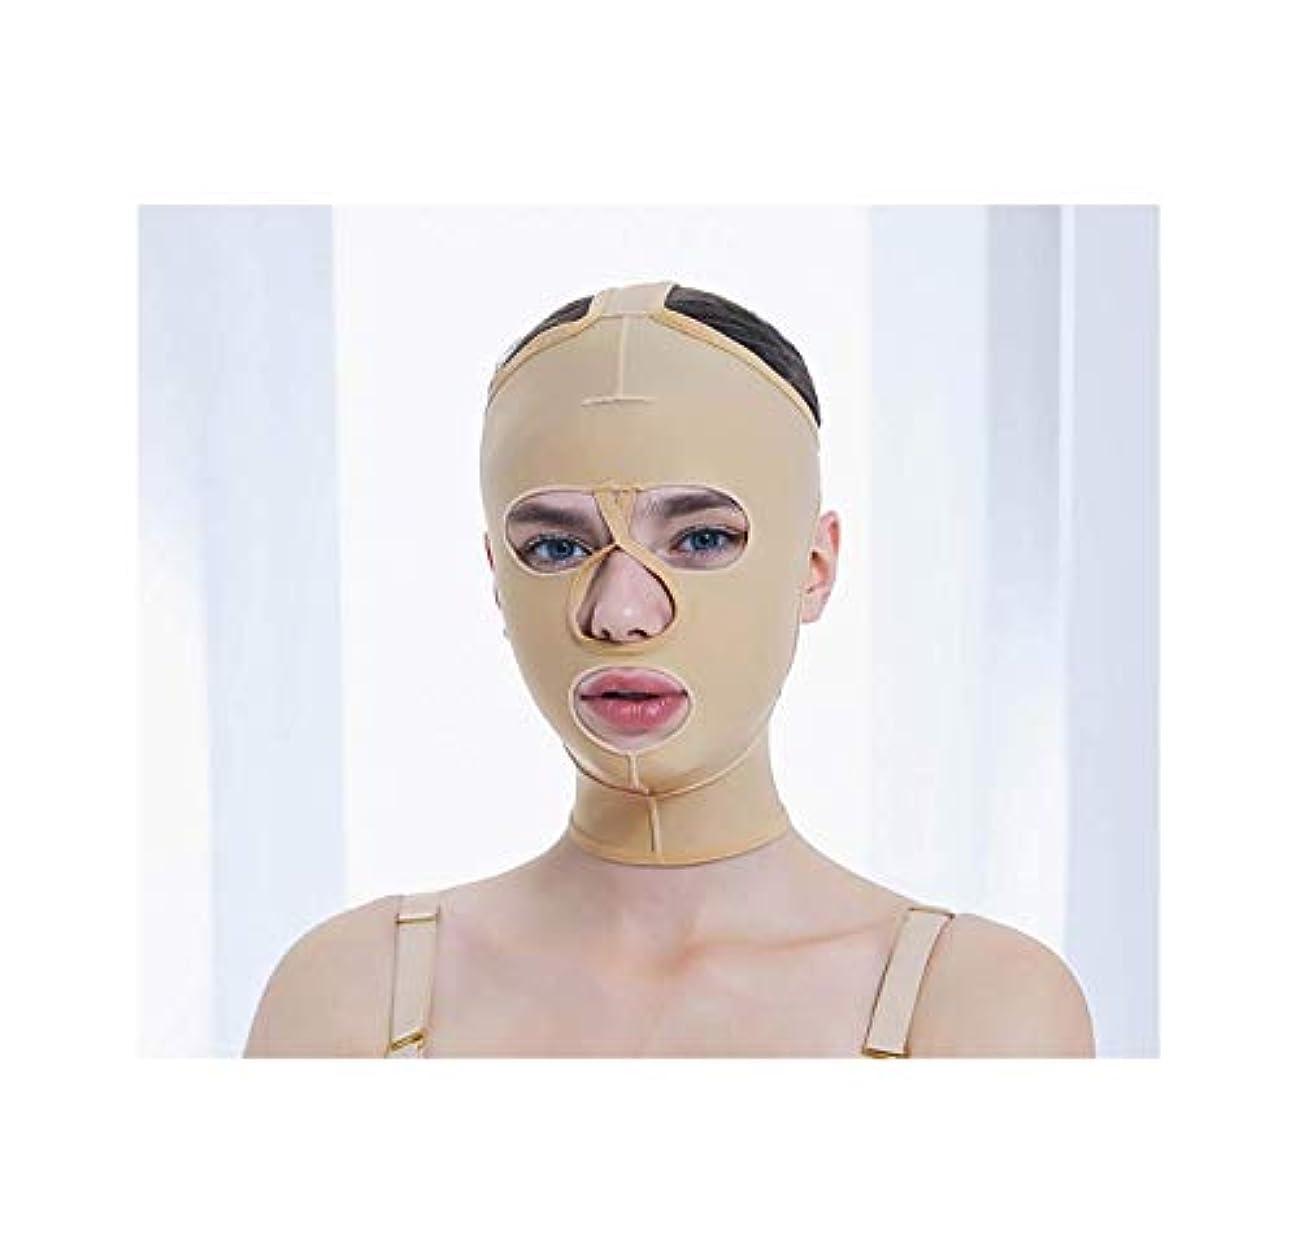 復活させる有名乳剤フェイス&ネックリフト、減量フェイスマスク脂肪吸引術脂肪吸引整形マスクフードフェイスリフティングアーティファクトVフェイスビームフェイス弾性スリーブ(サイズ:XS),S